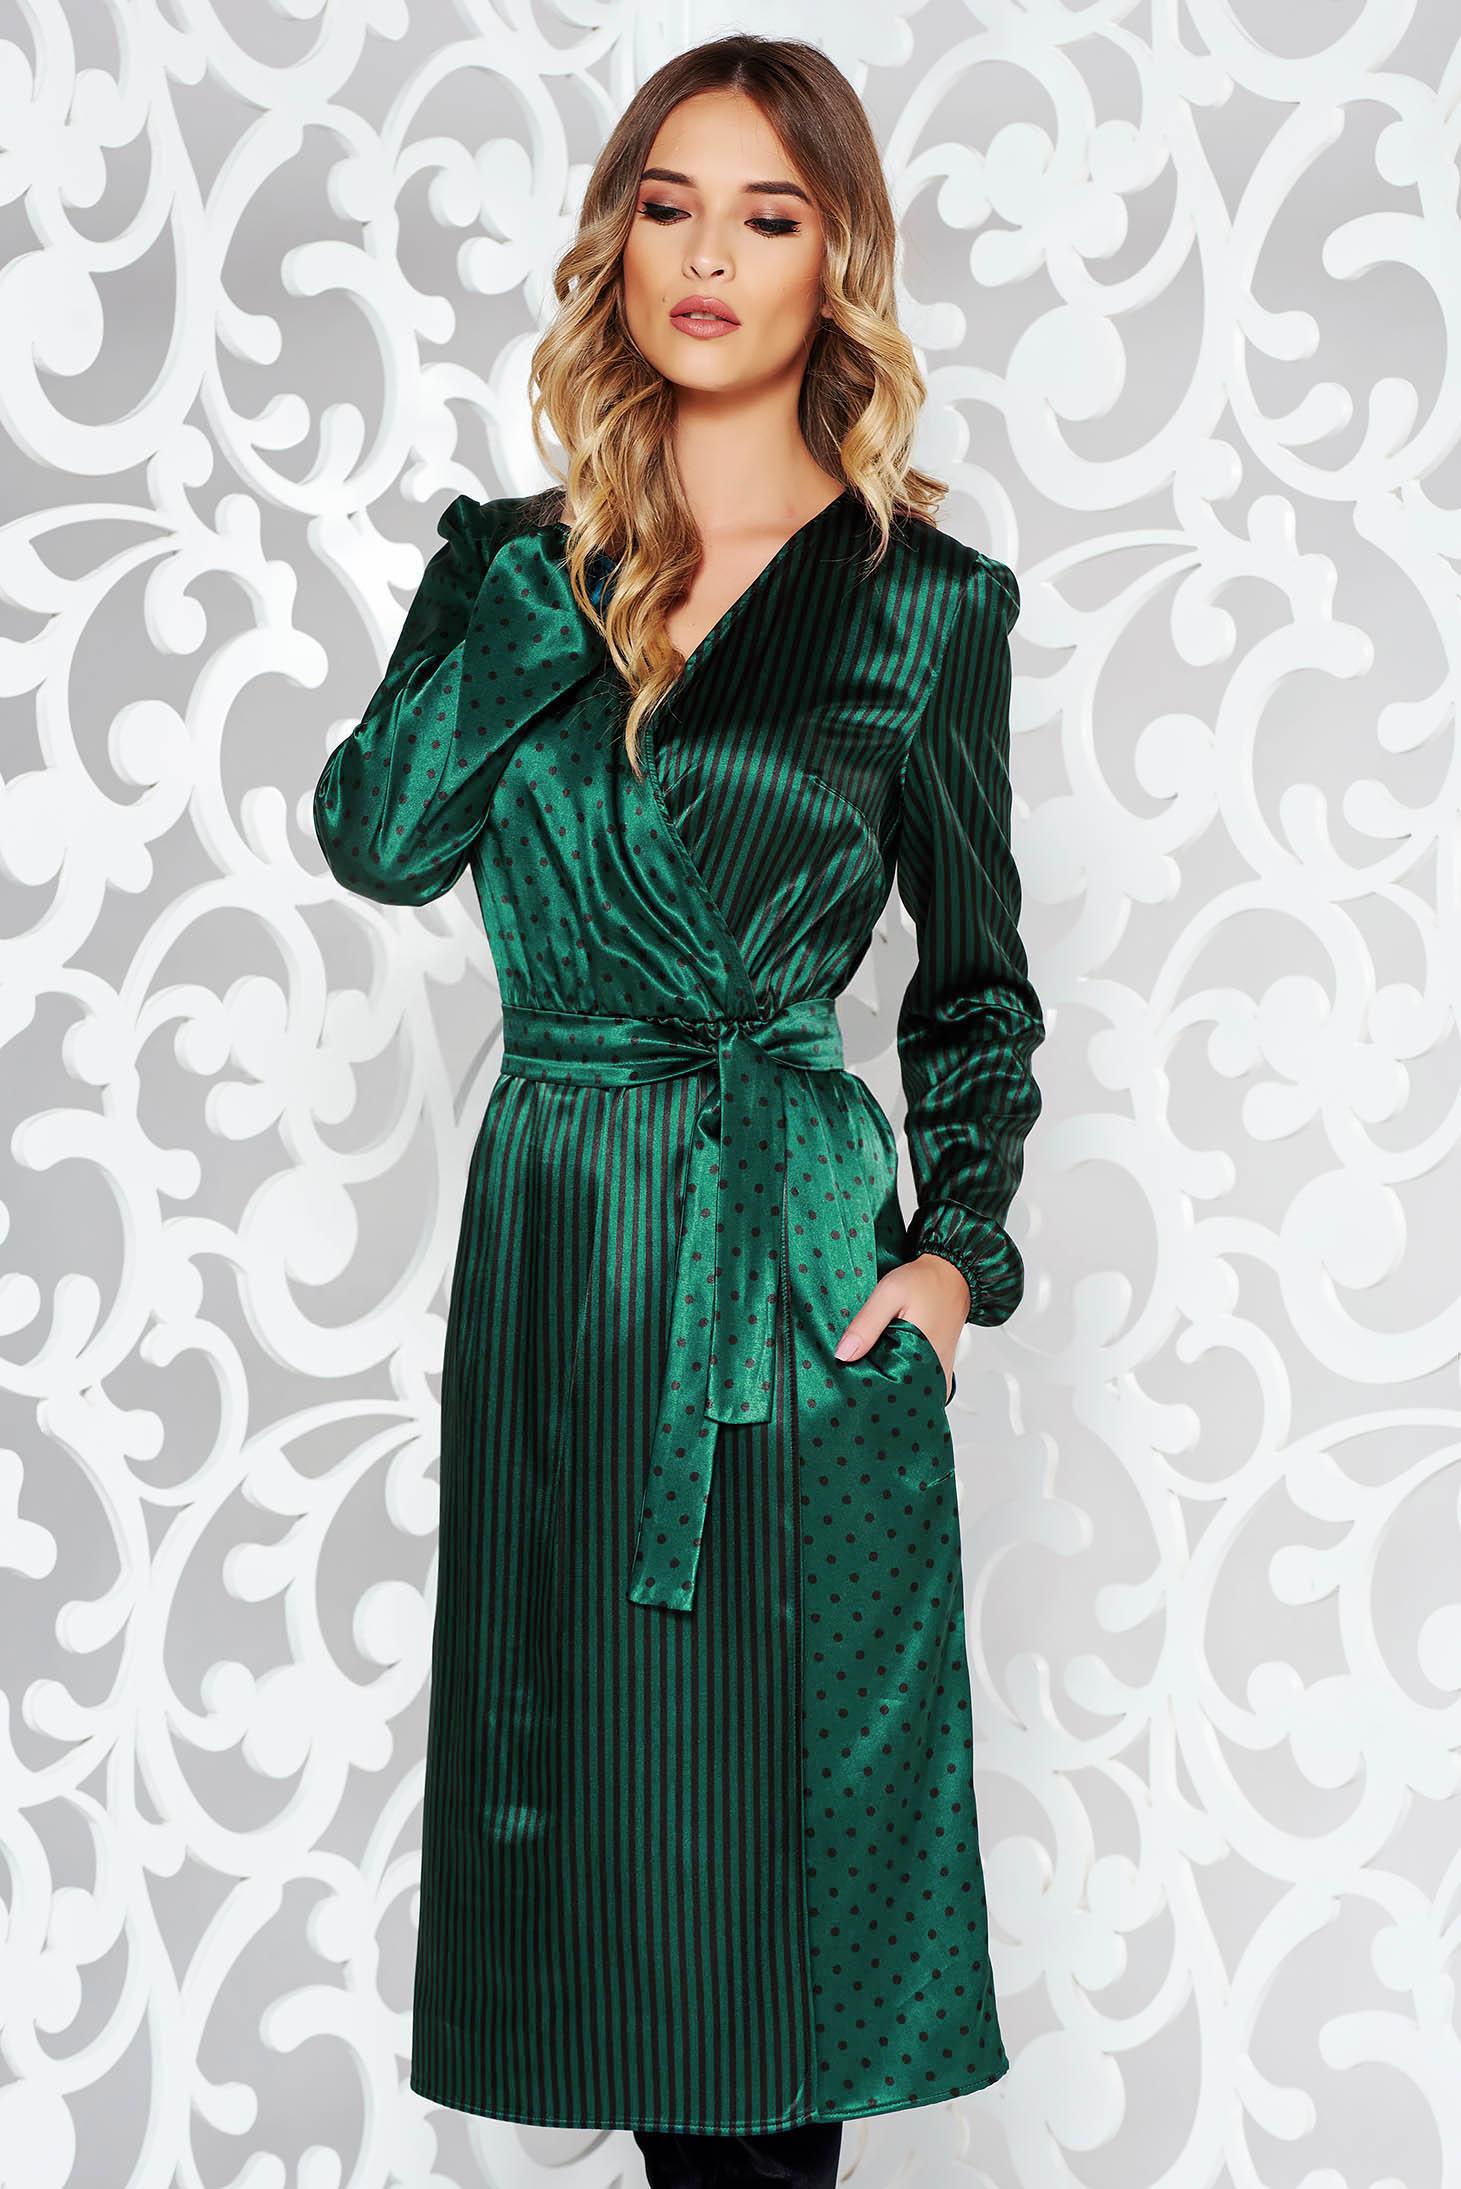 778964d0f8c1cc starshiners-green-elegant-midi-dress-from-satin-fa-S039926-1-388263.jpg